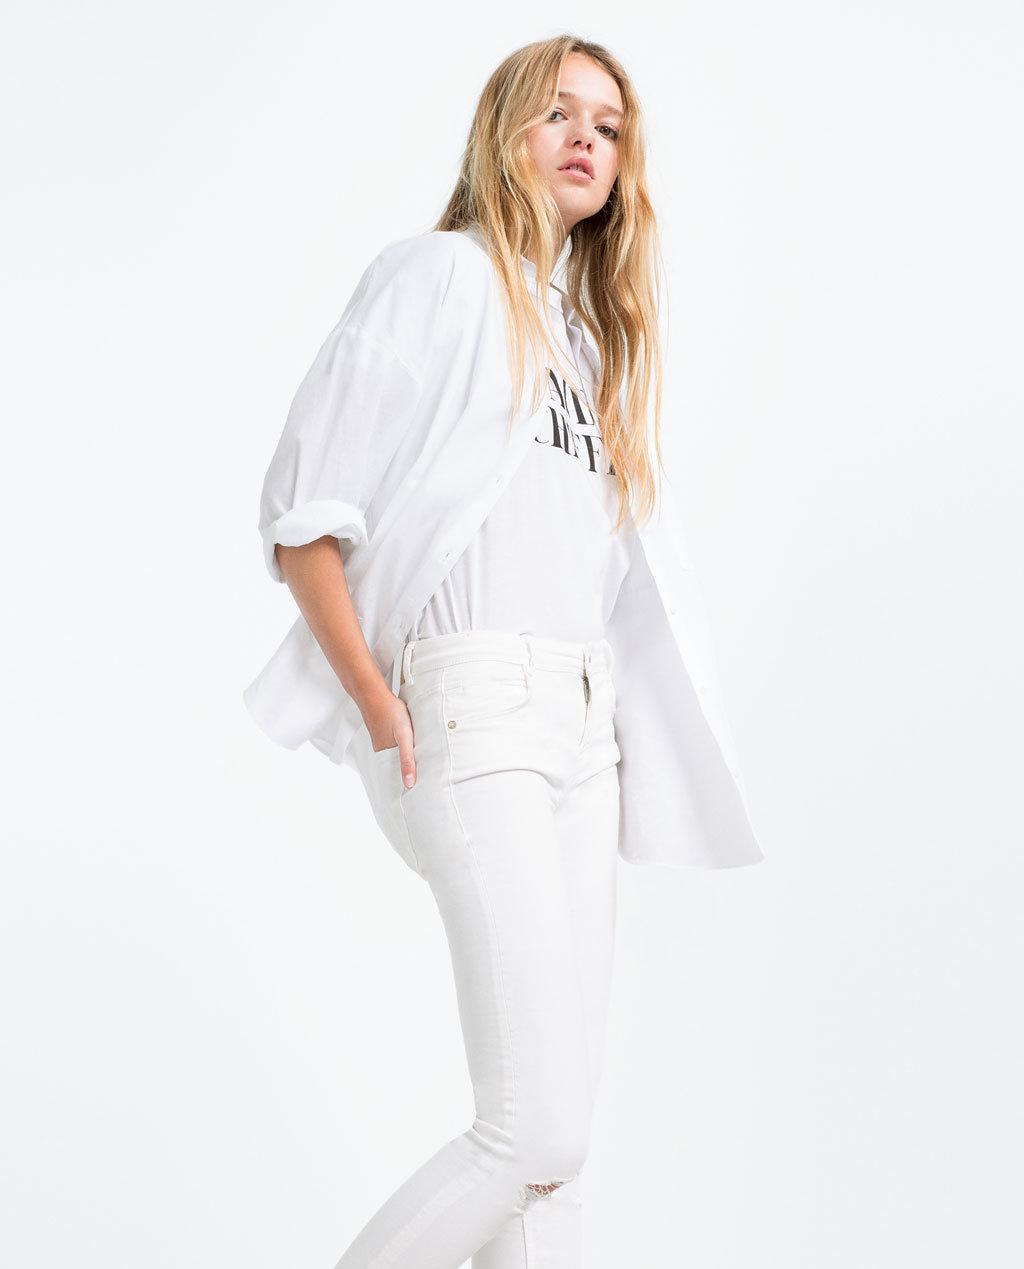 Fashioned women skinny jean